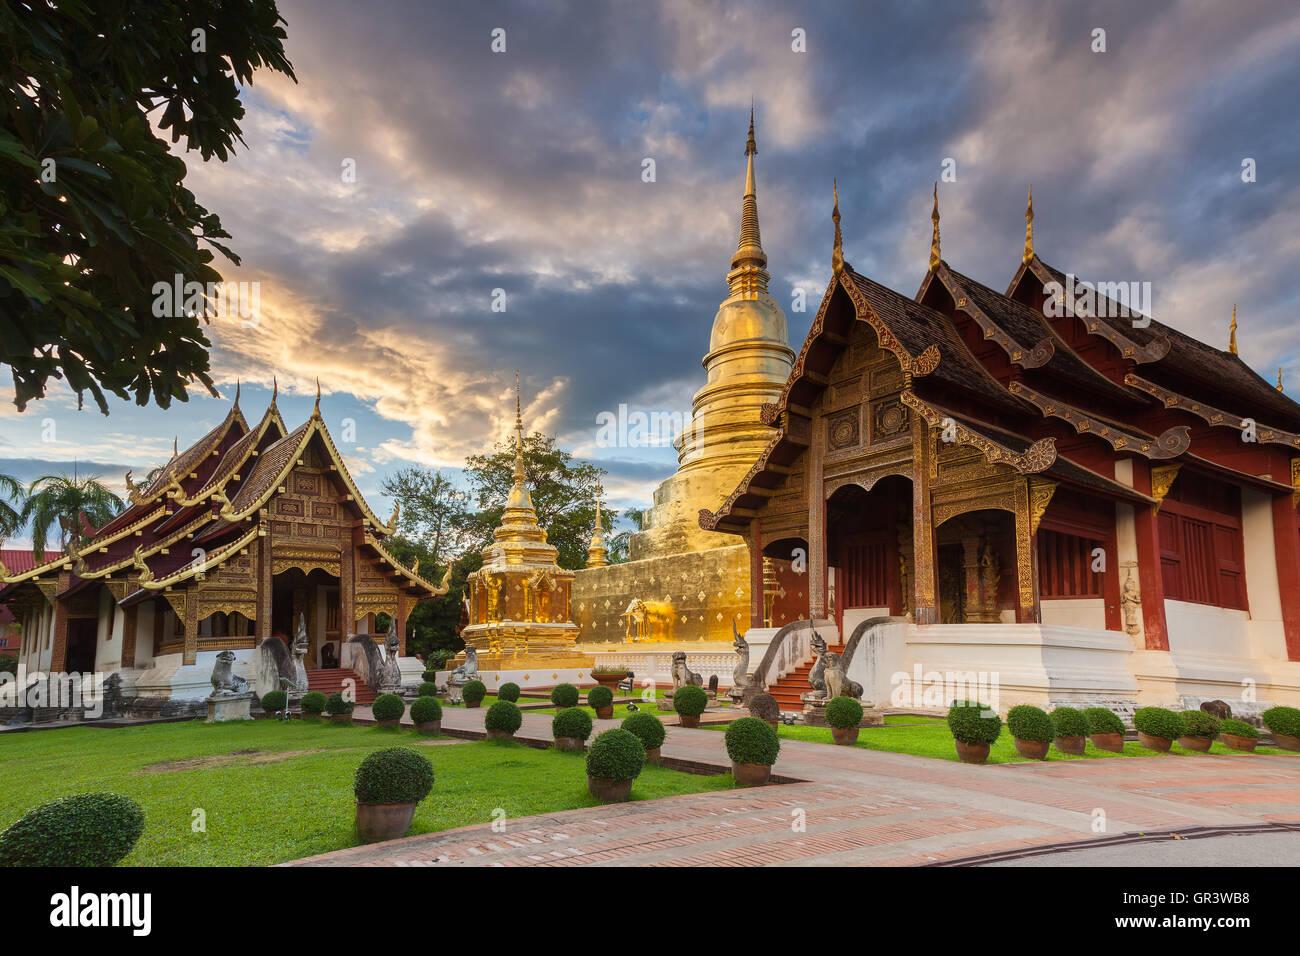 Wat Phra Singh au coucher du soleil, le temple le plus vénéré de Chiang Mai, Thaïlande. Photo Stock